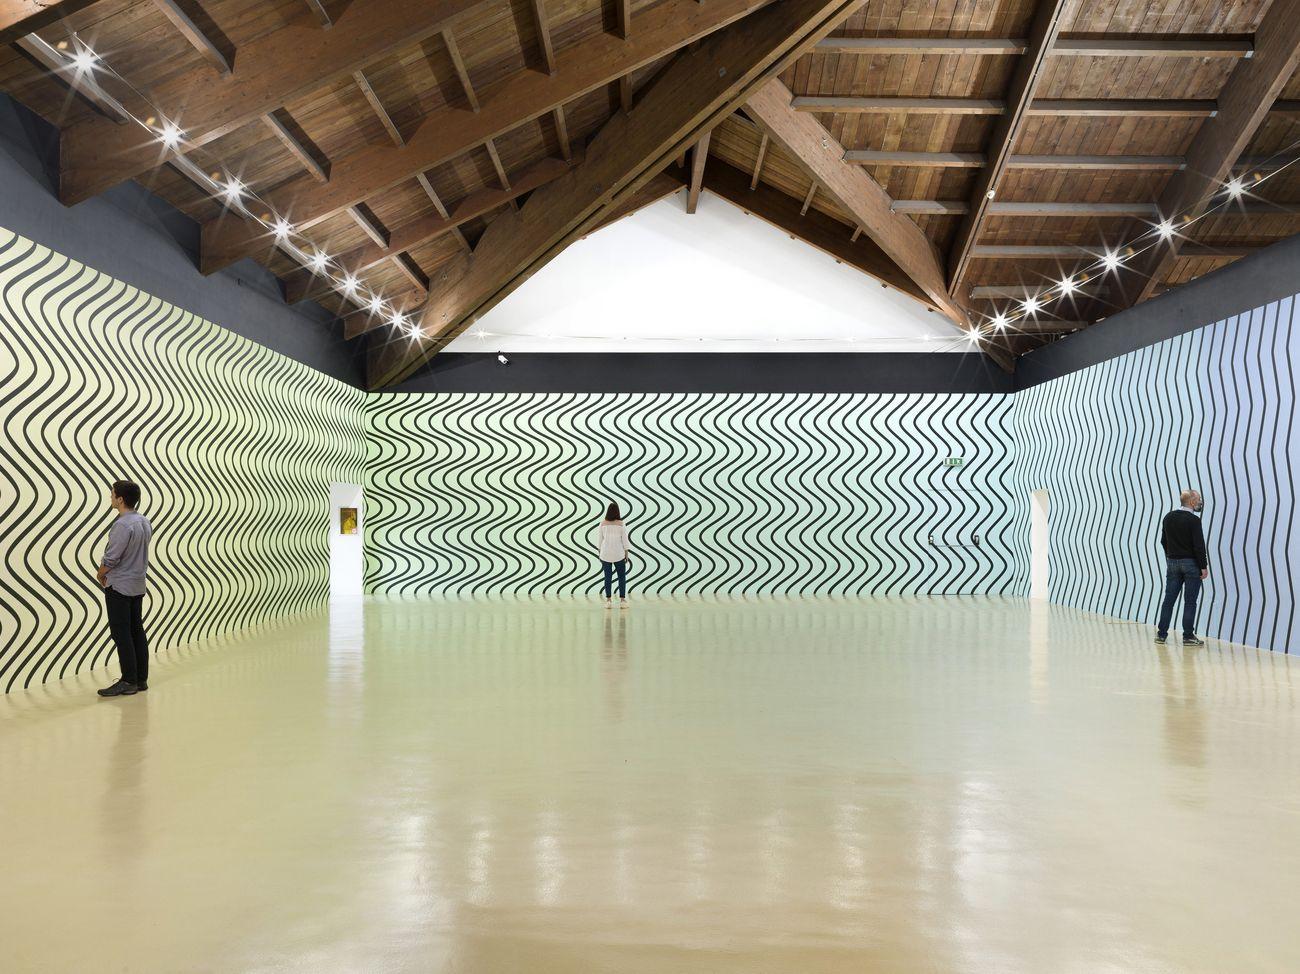 Uno dei più grandi musei d'arte contemporanea d'Italia diventa un centro vaccinazioni